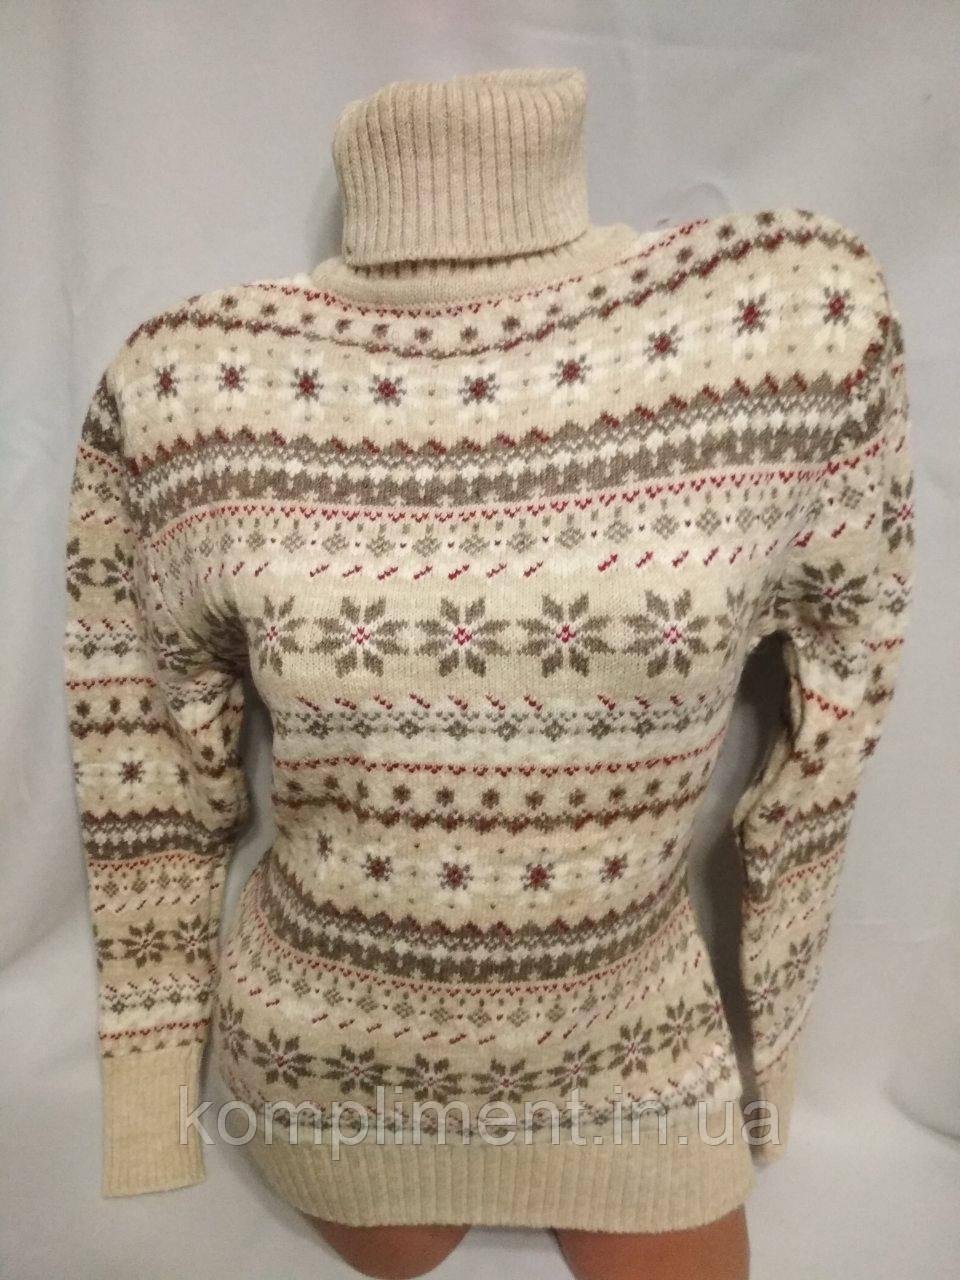 Женский новогодний вязаный свитер под горло со снежинками, бежевый.Турция.